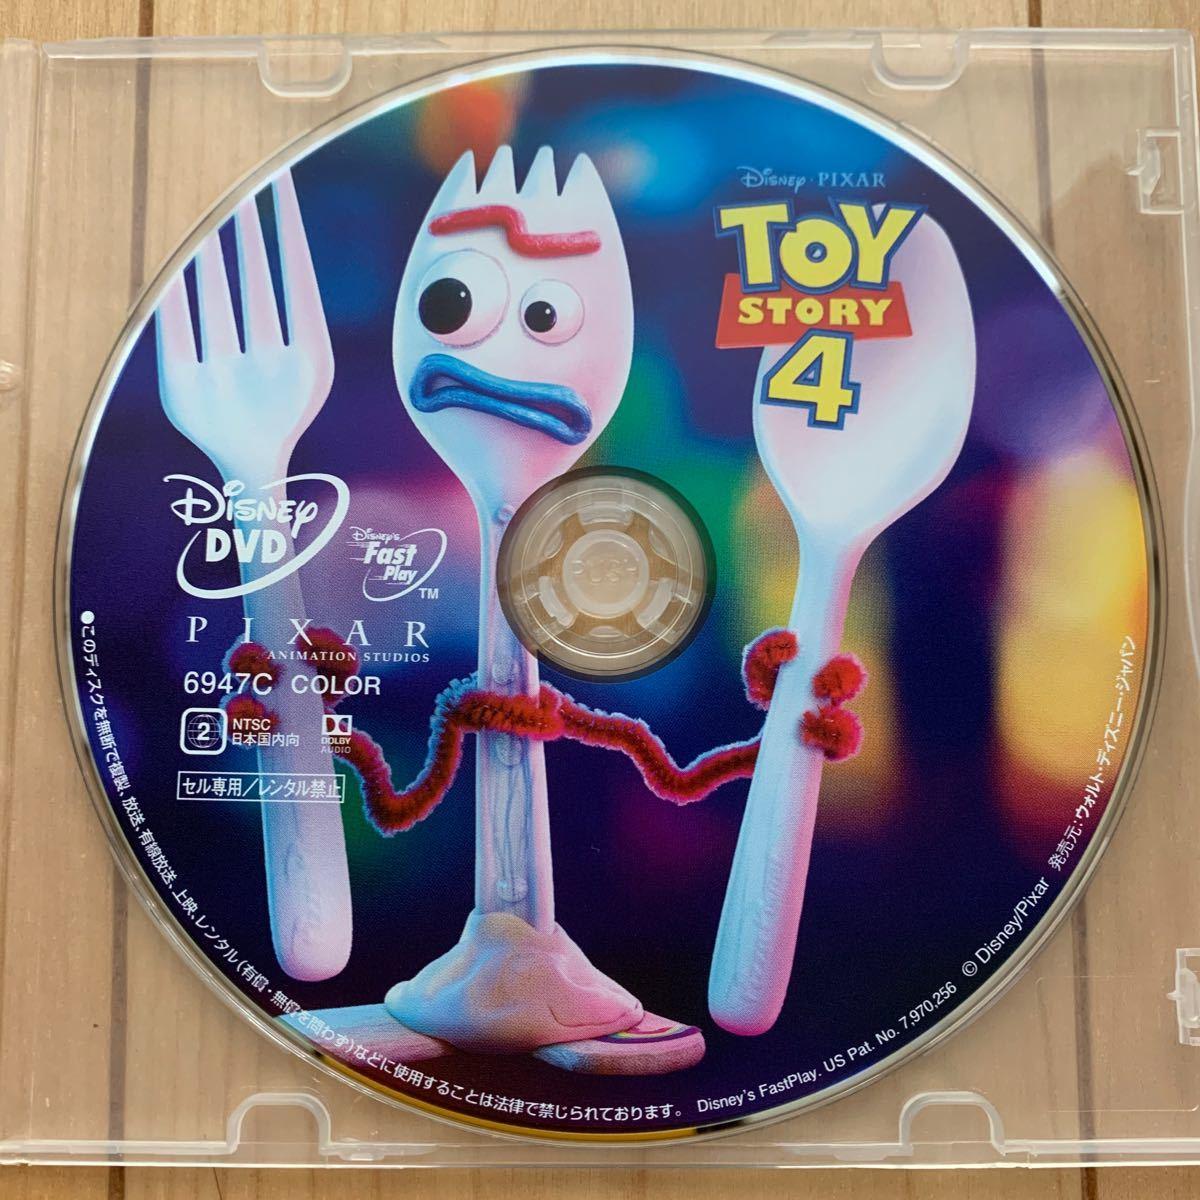 トイ・ストーリー4【国内正規版】DVDディスクのみ 新品未再生 Disney ディズニー ピクサー